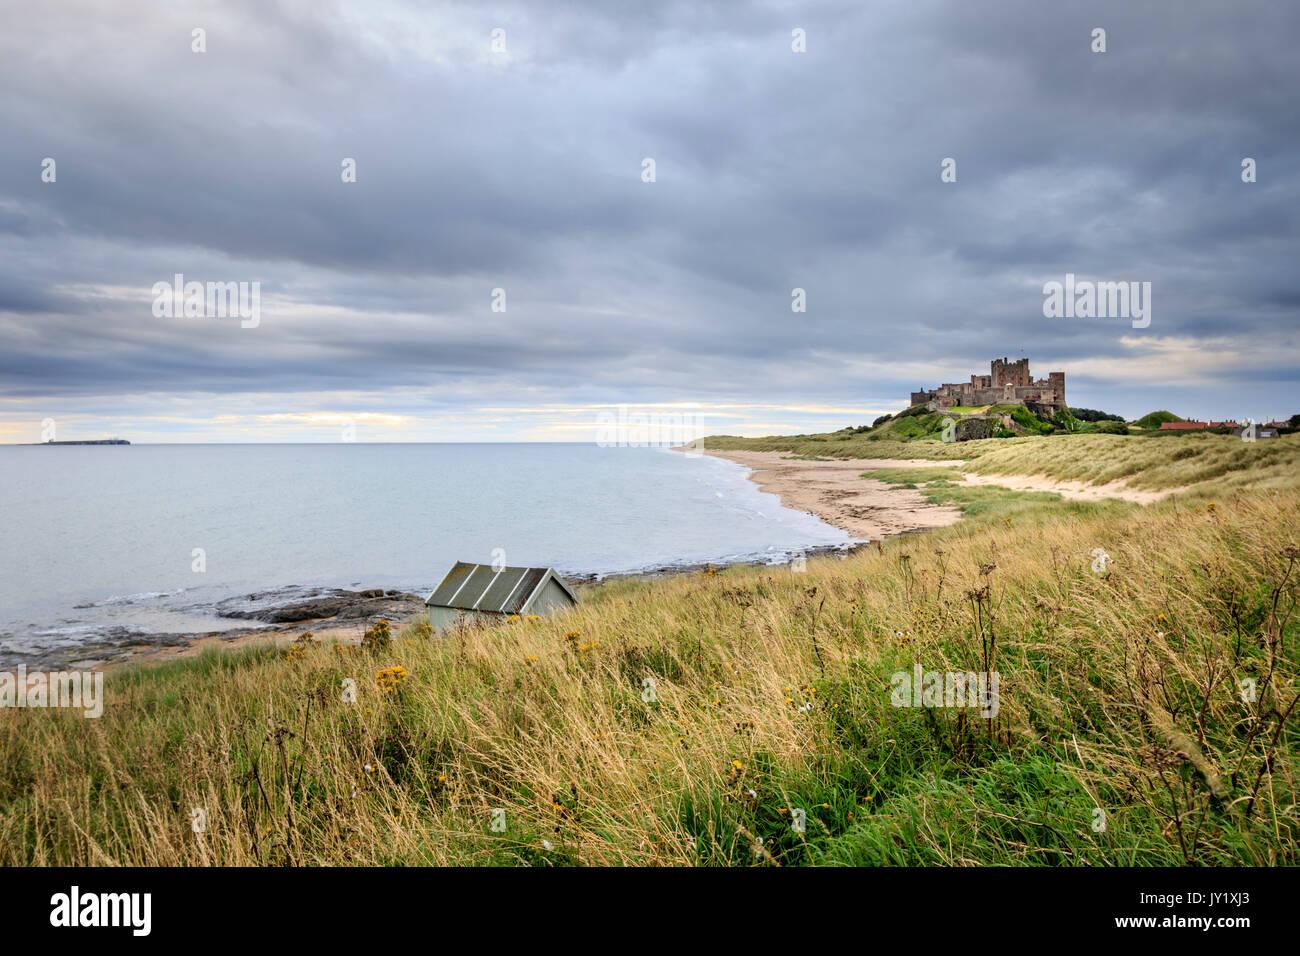 Bamburgh castle sunrise on the Northumberland coastline - Stock Image